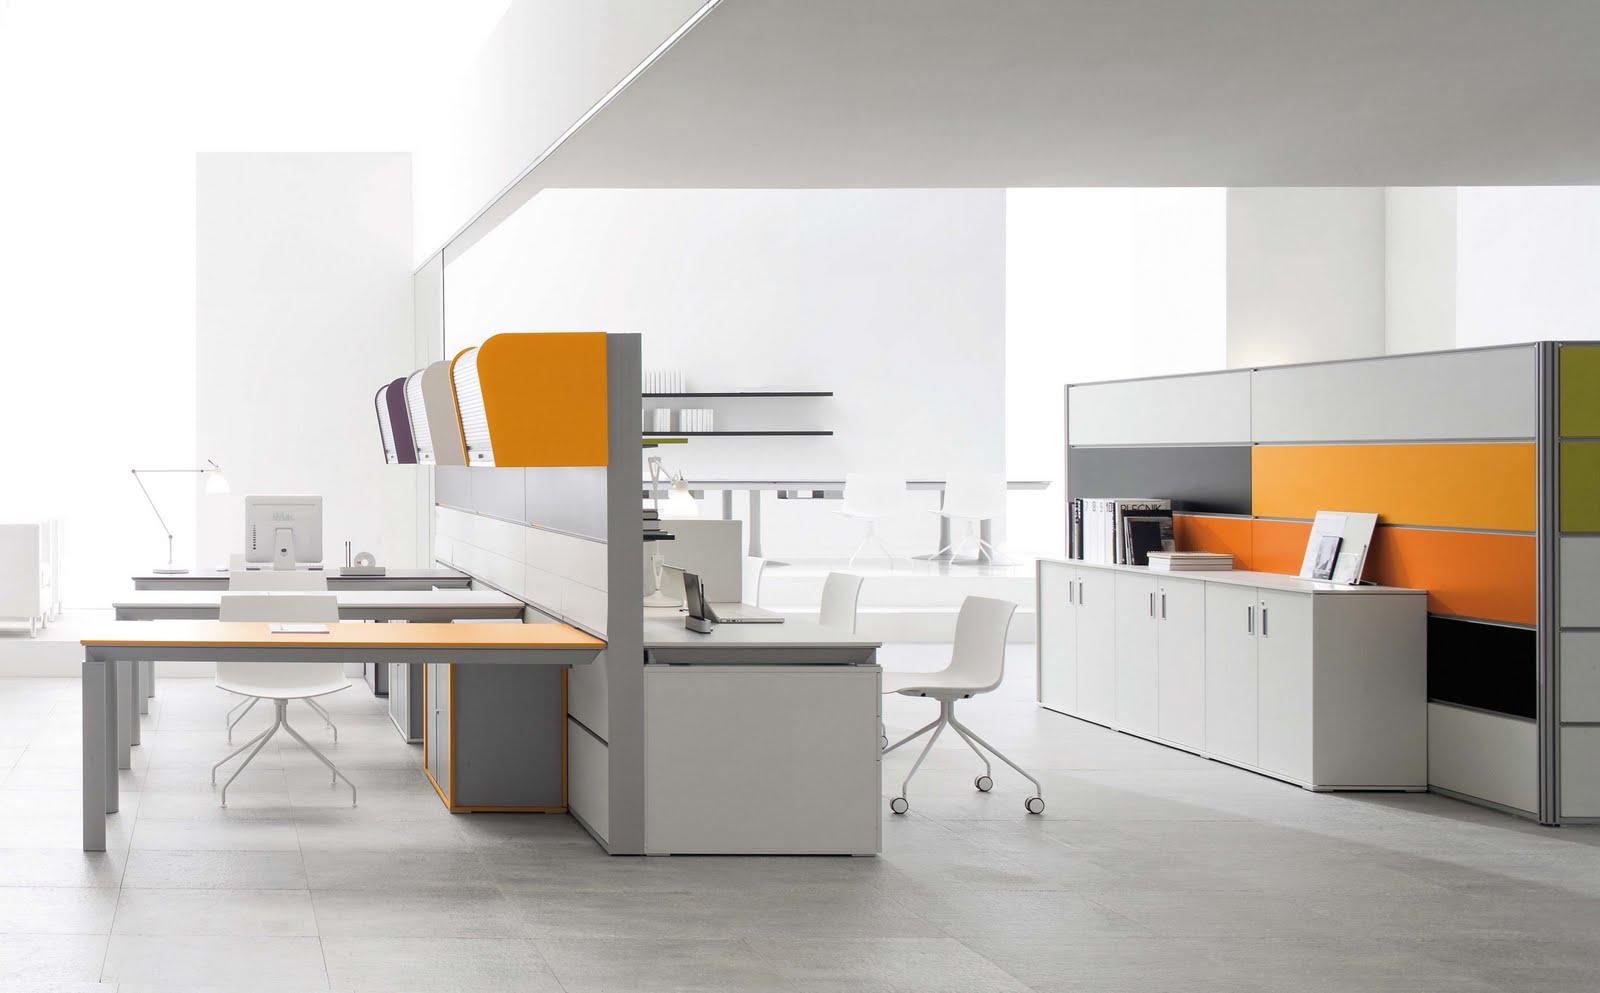 Tìm hiểu phong cách thiết kế hiện đại